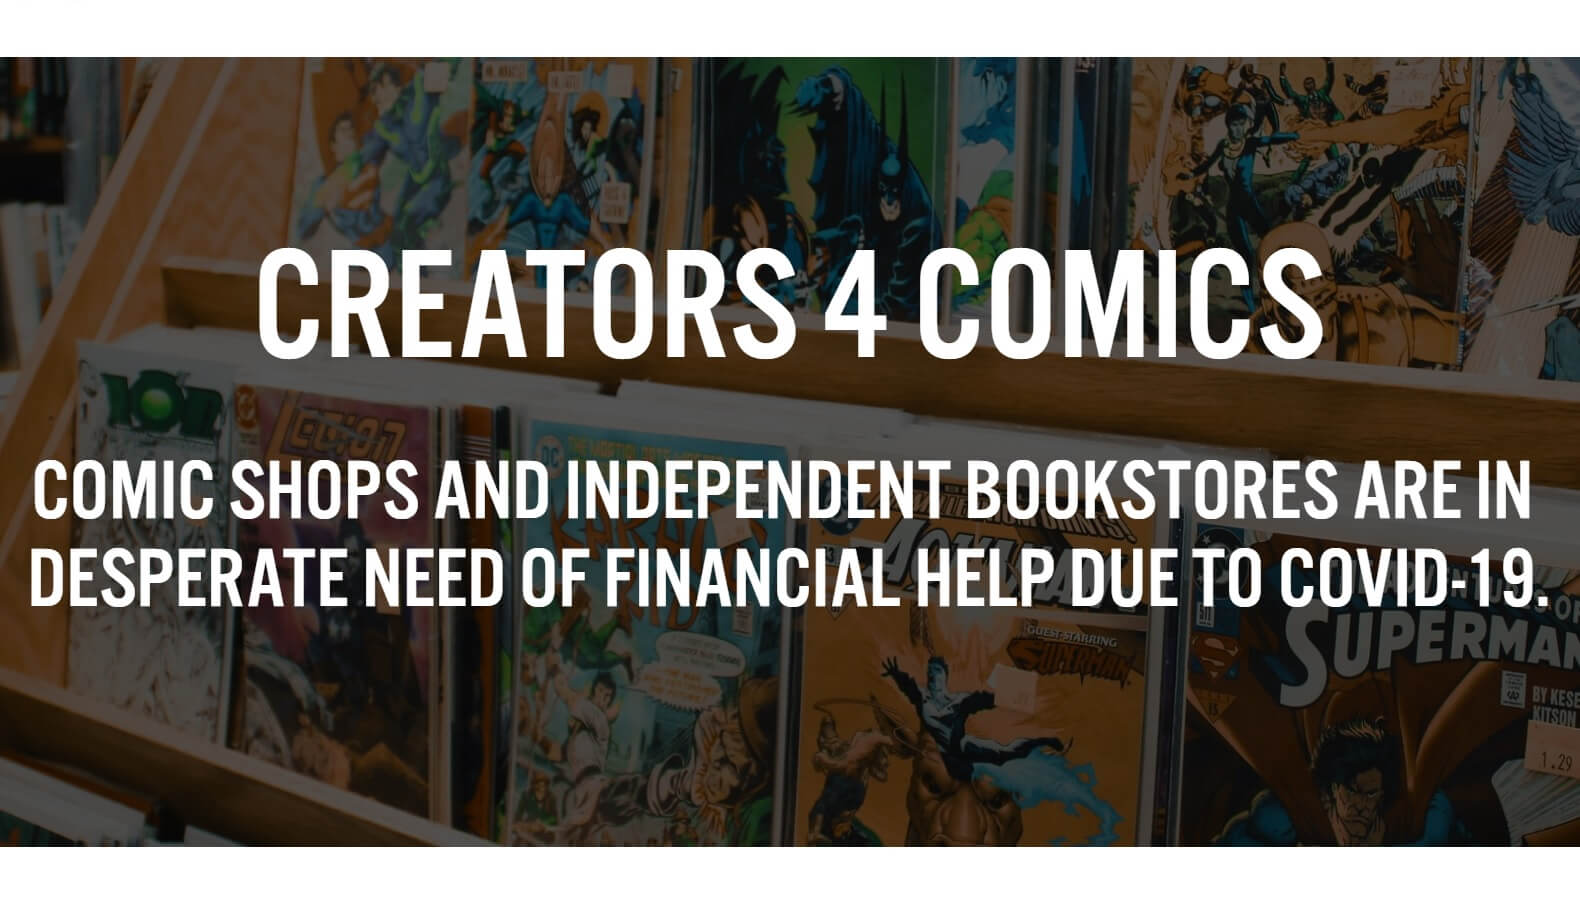 A screencap of the front page of creators4comics.com